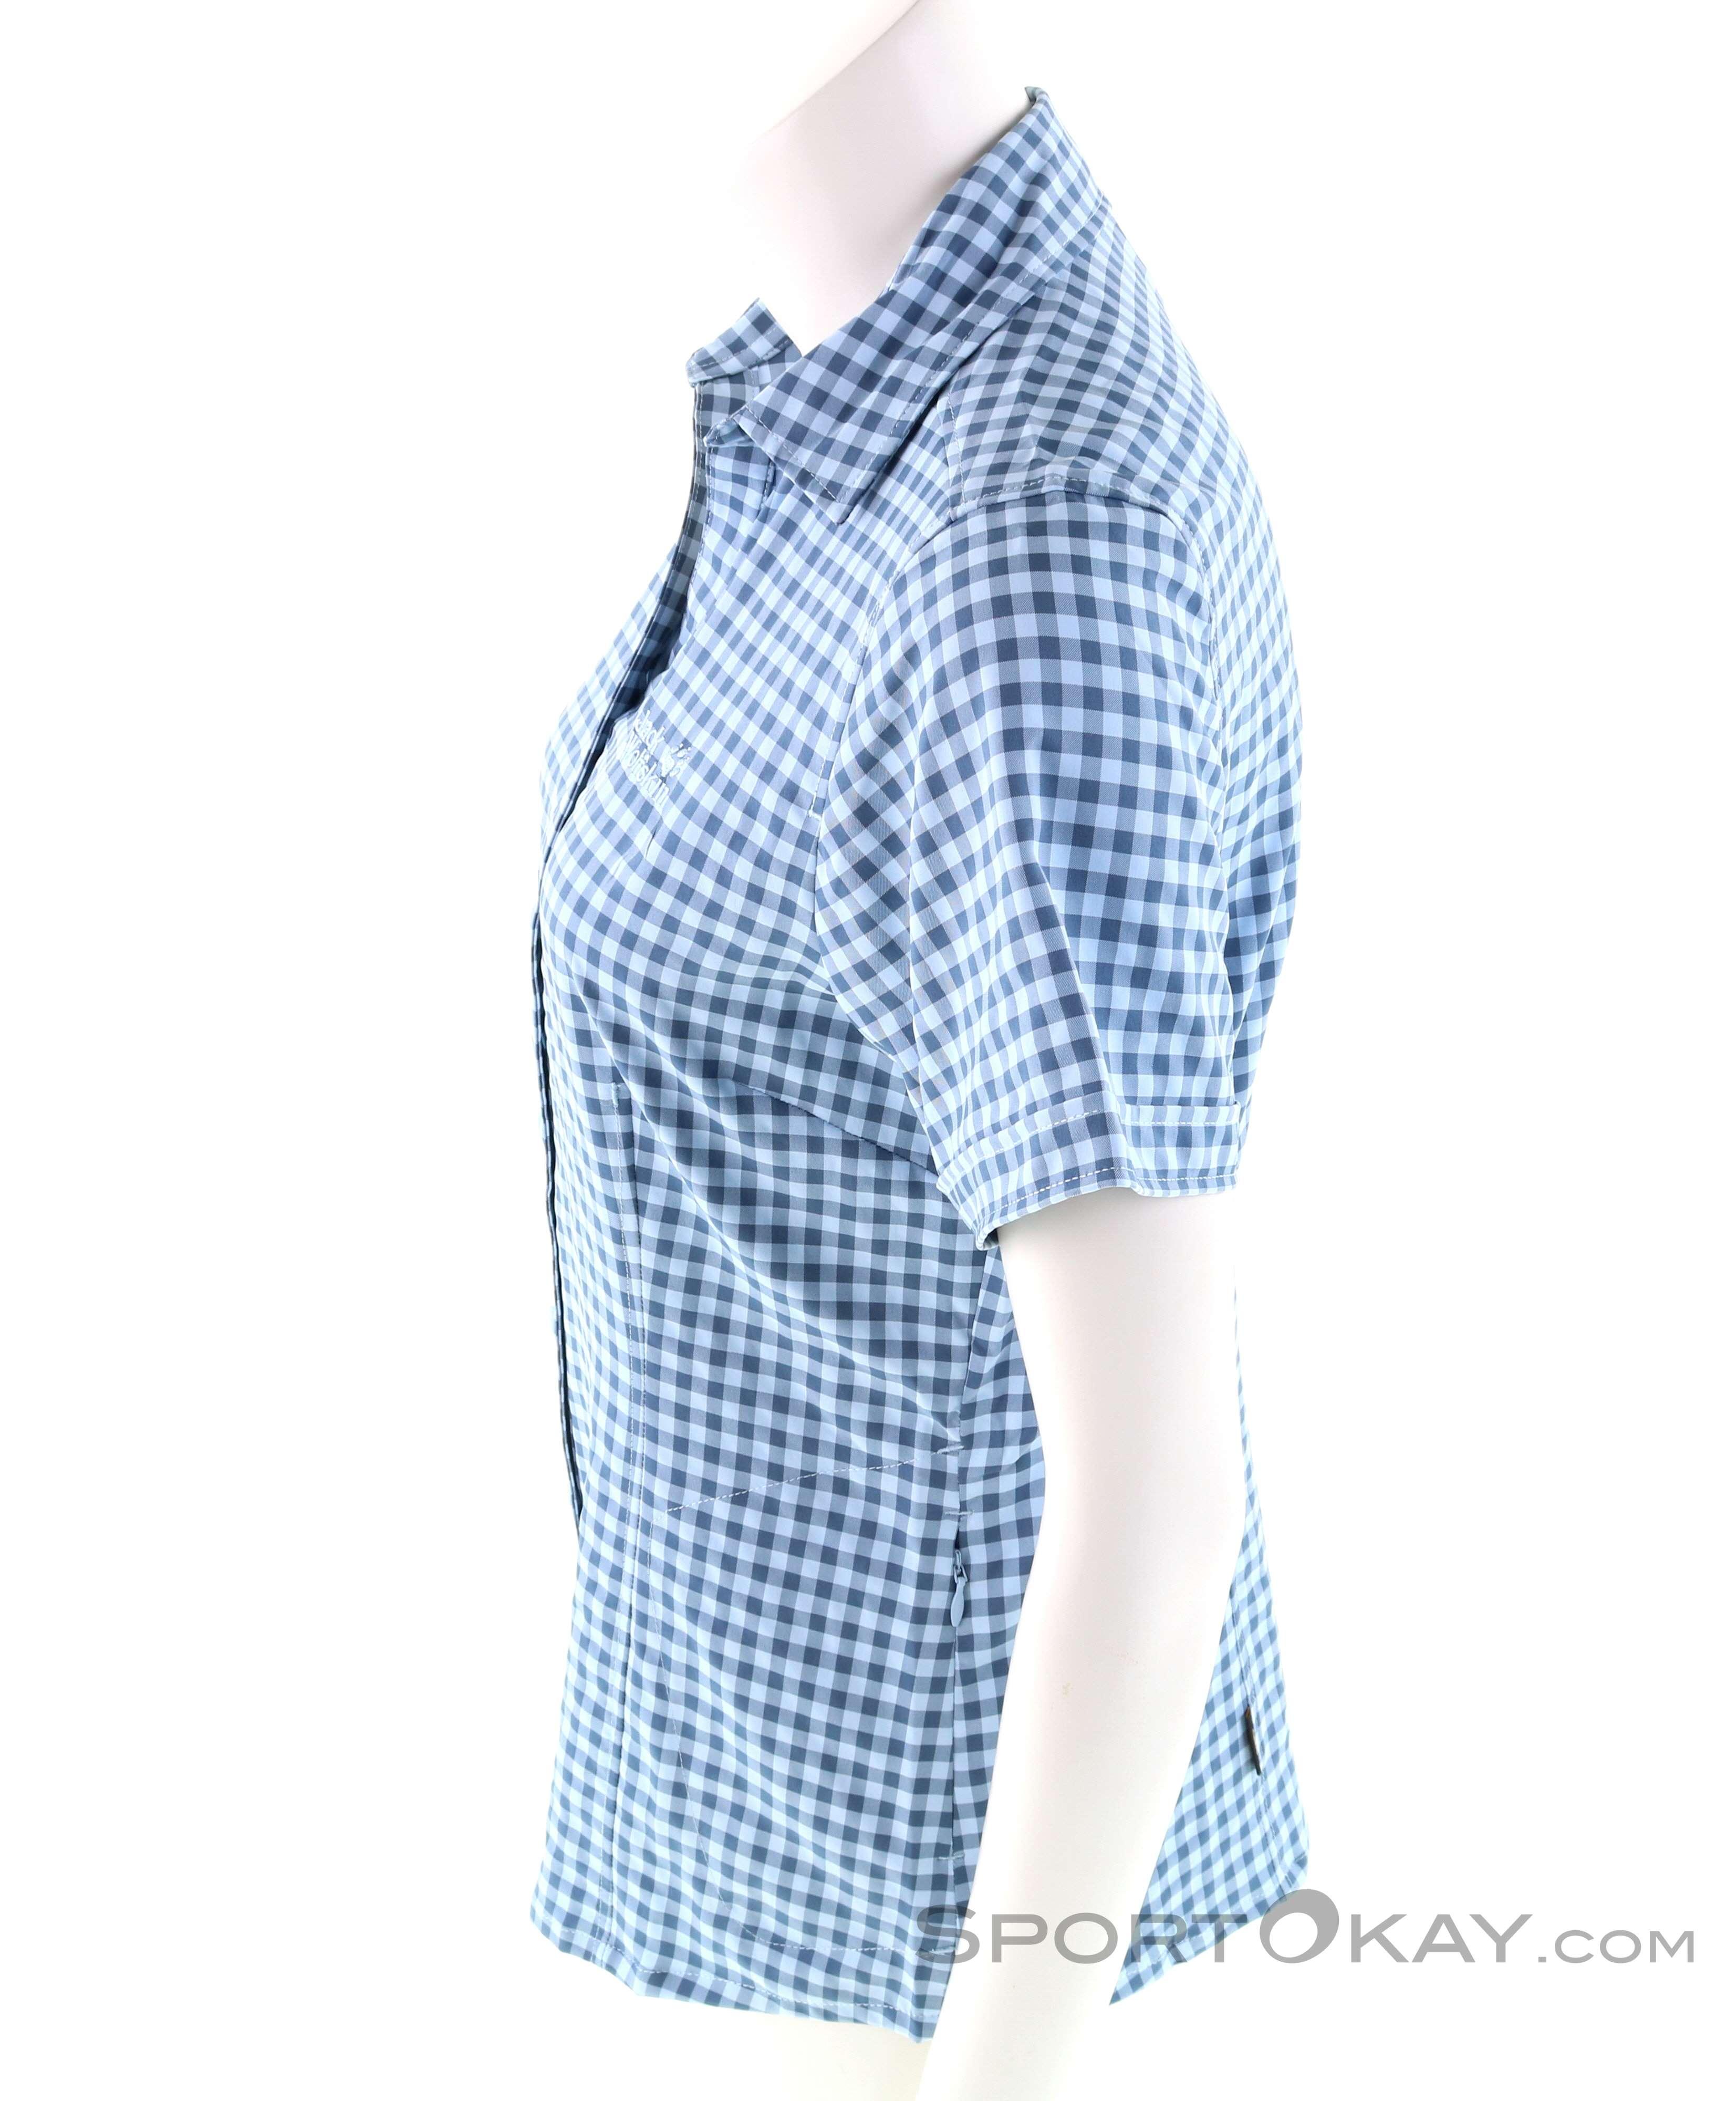 Jack Wolfskin Jack Wolfskin Kepler Shirt Damen Outdoorhemd